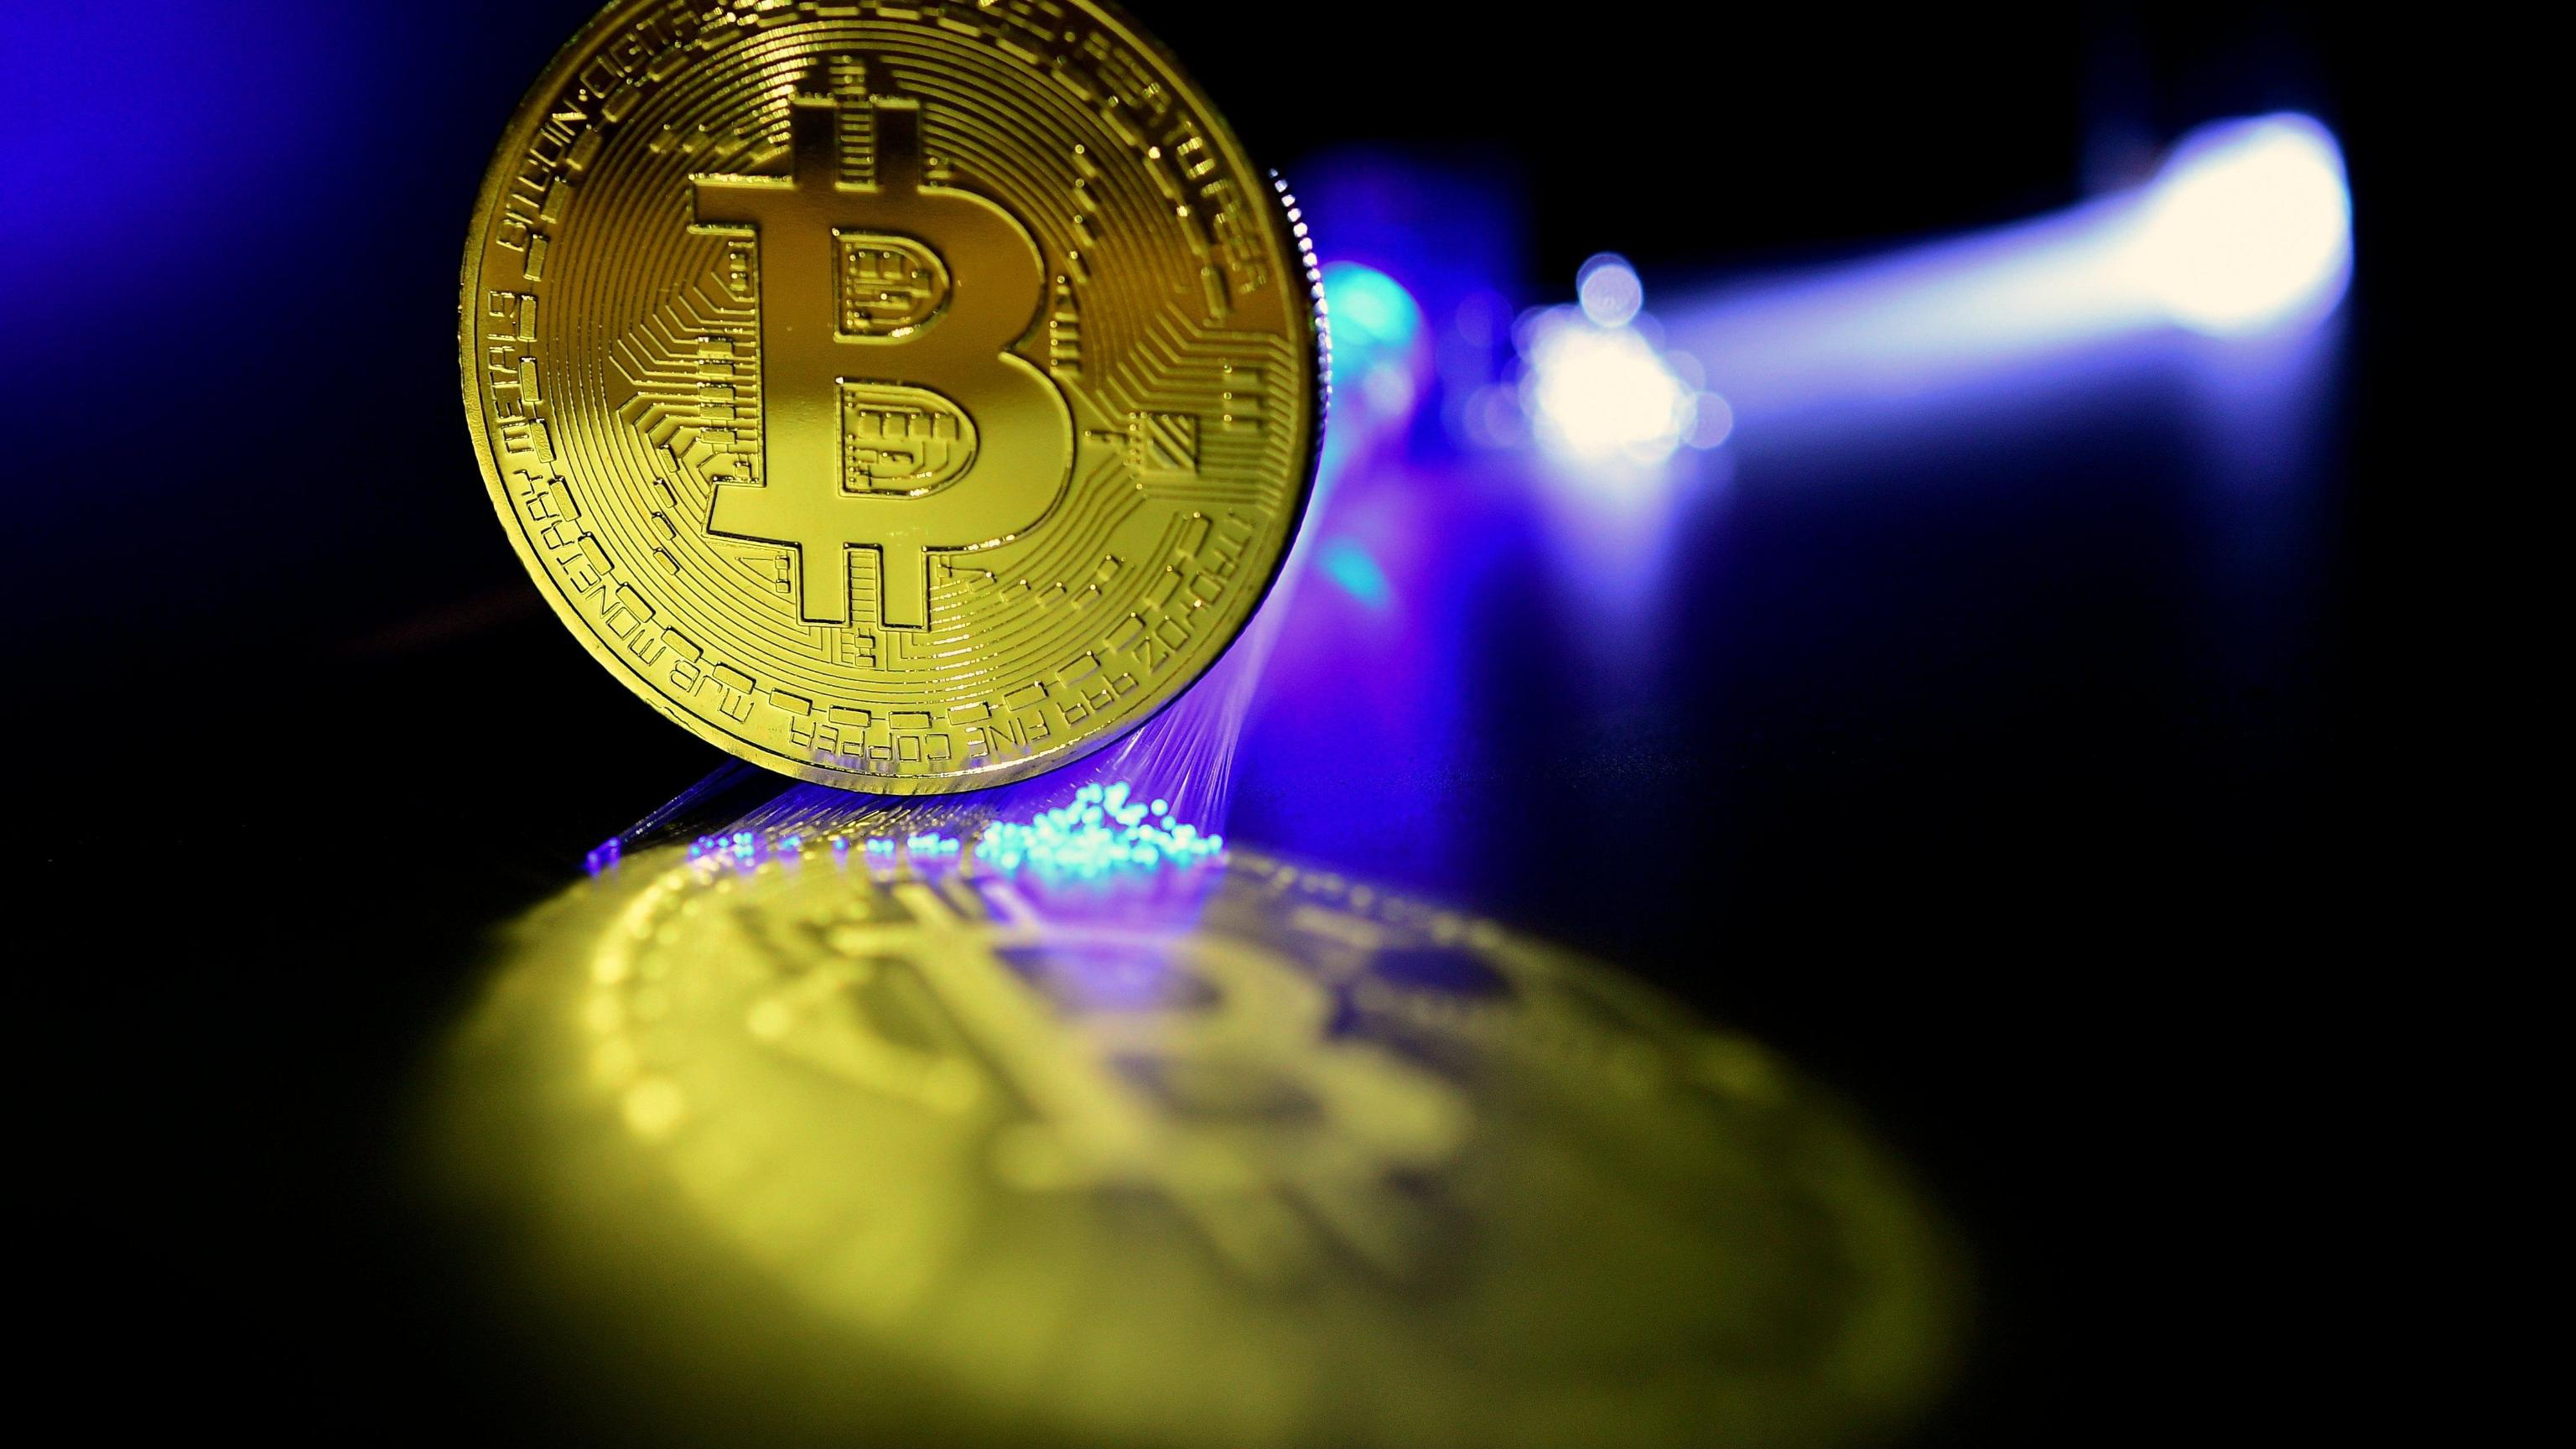 Bitcoin,Usa non siano 'conti svizzeri'